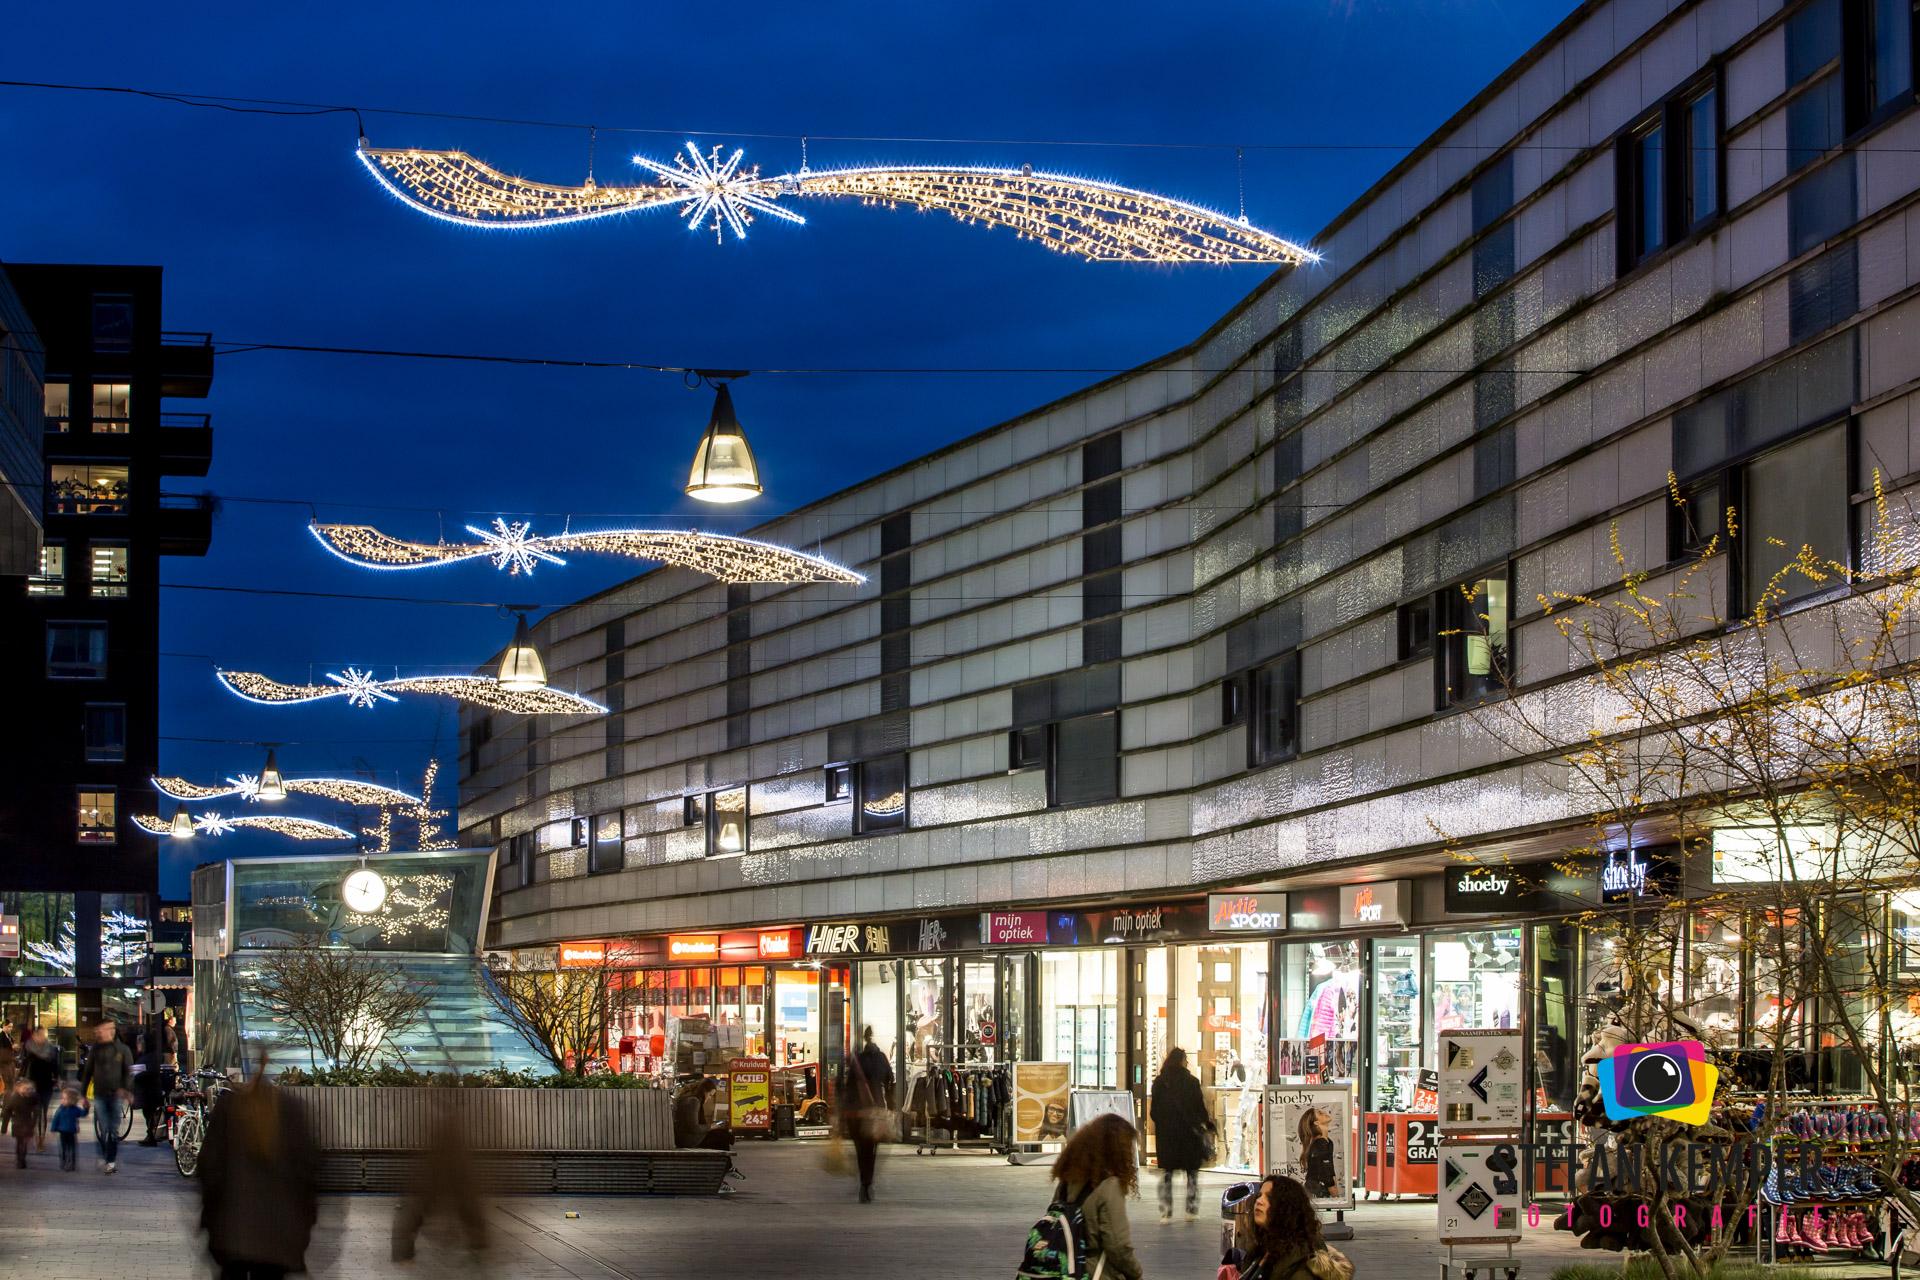 kerstverlichting Zwolle stadshagen